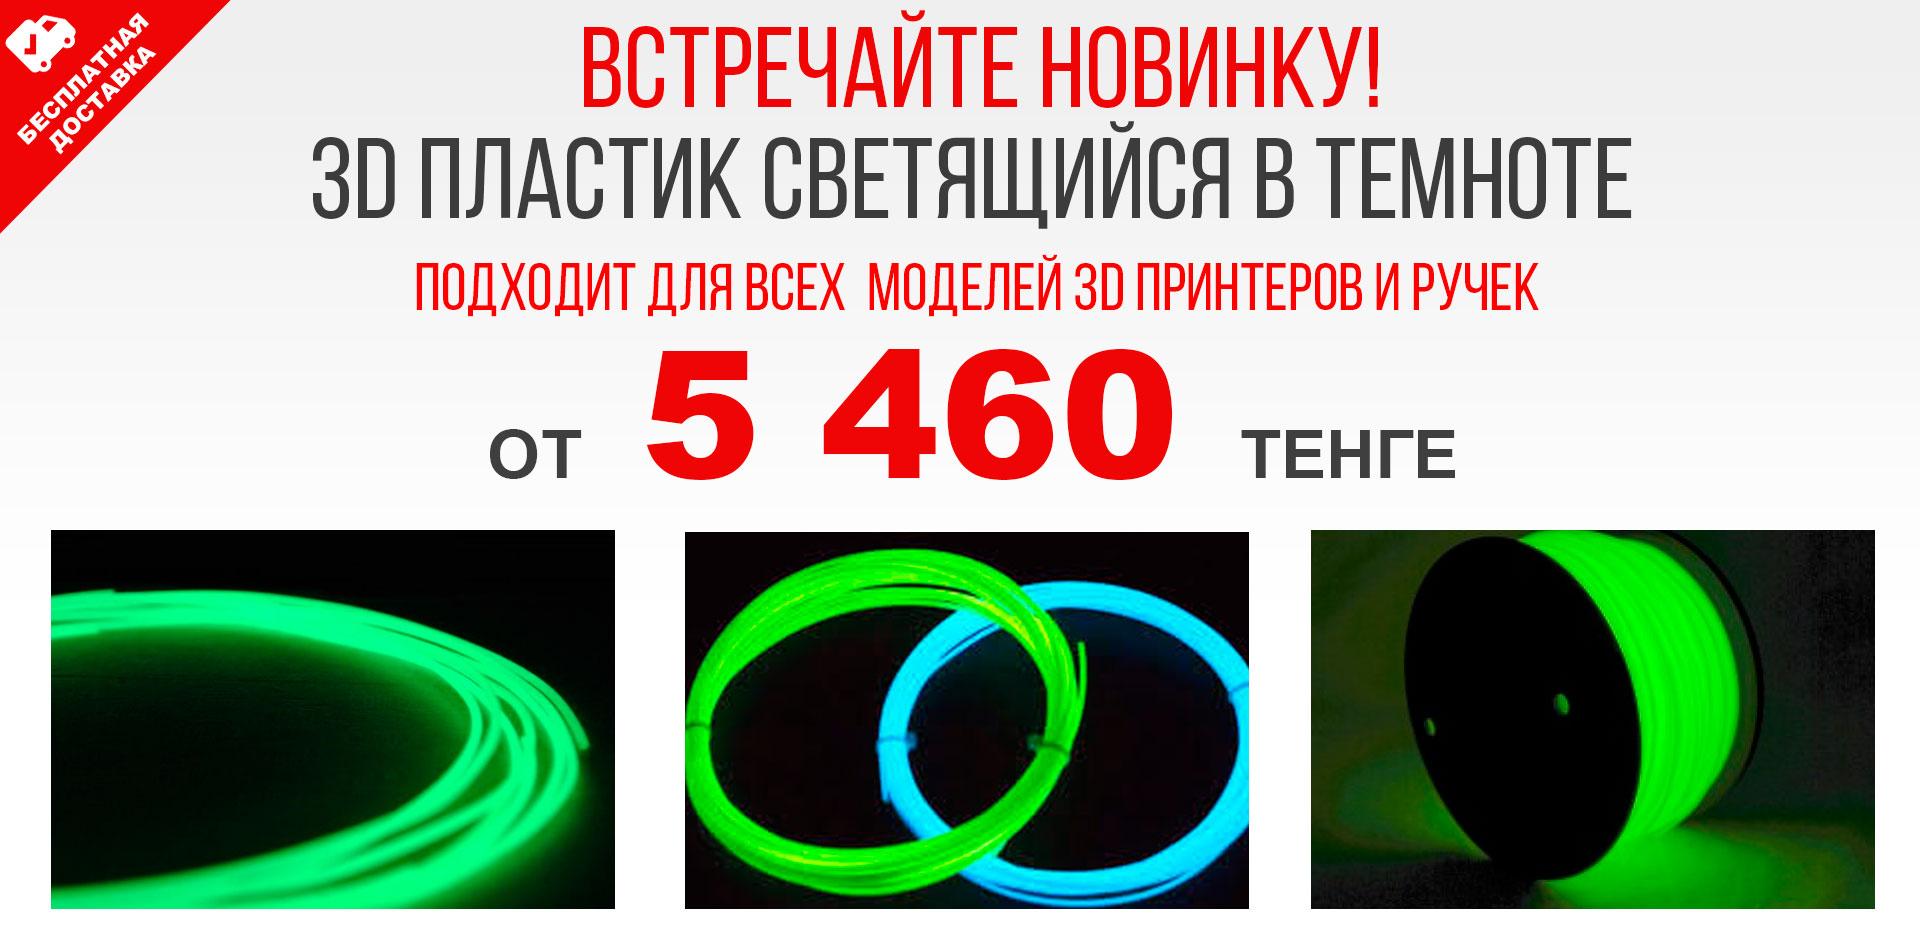 3D ПЛАСТИК В АСТАНЕ